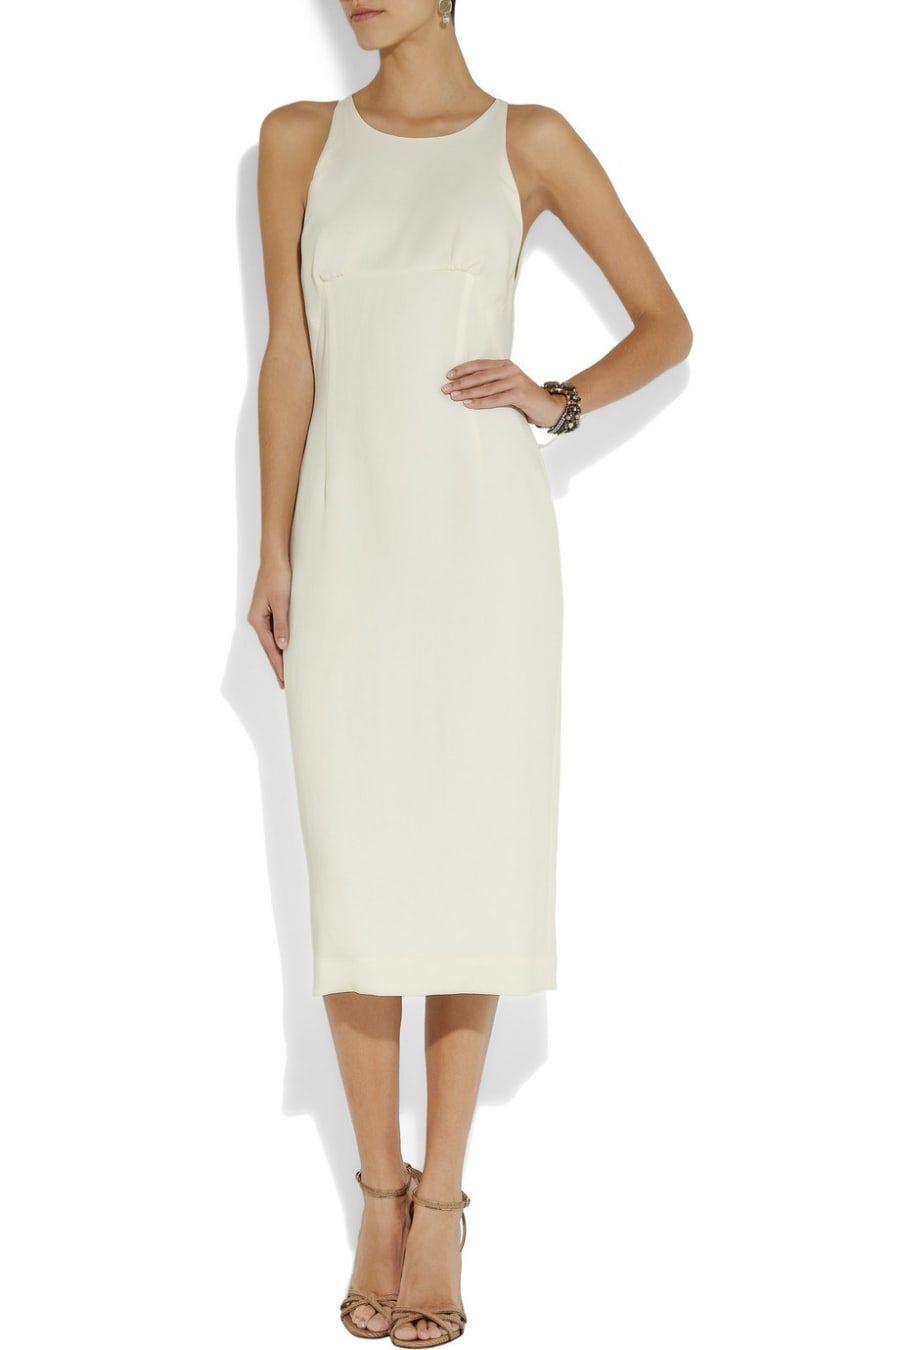 elegant minimalist wedding dresses simple weddings dresses